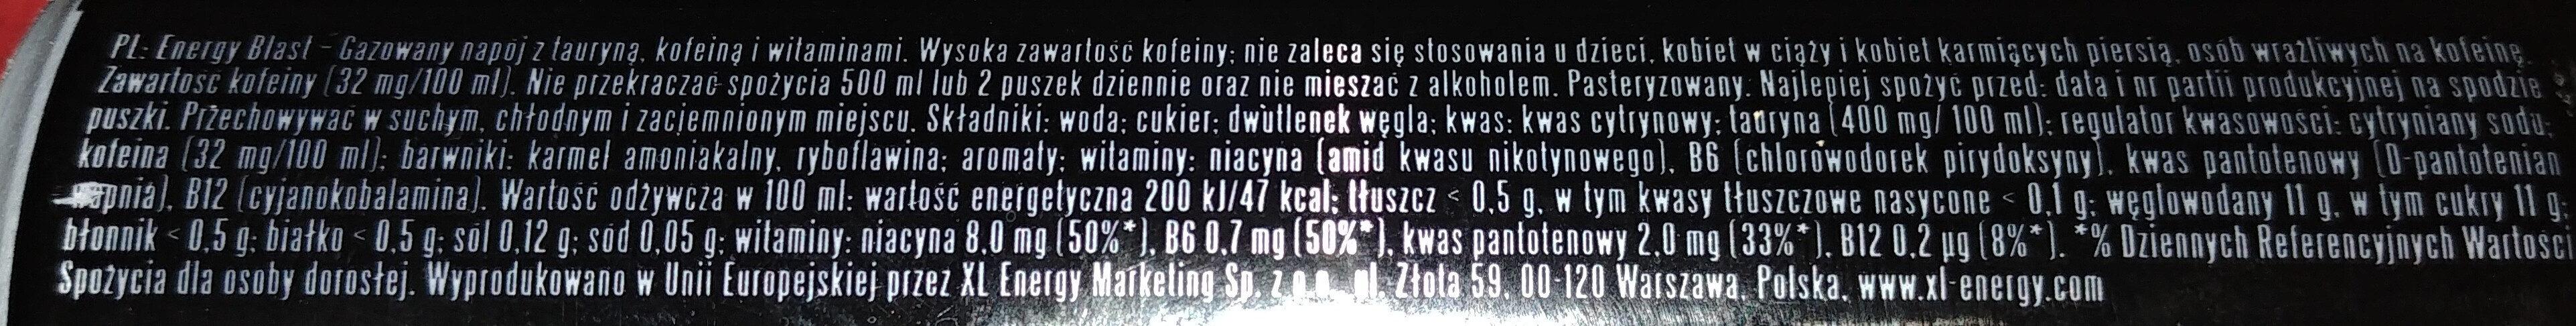 Gazowany napój z tauryną, kofeiną i witaminami - Składniki - pl